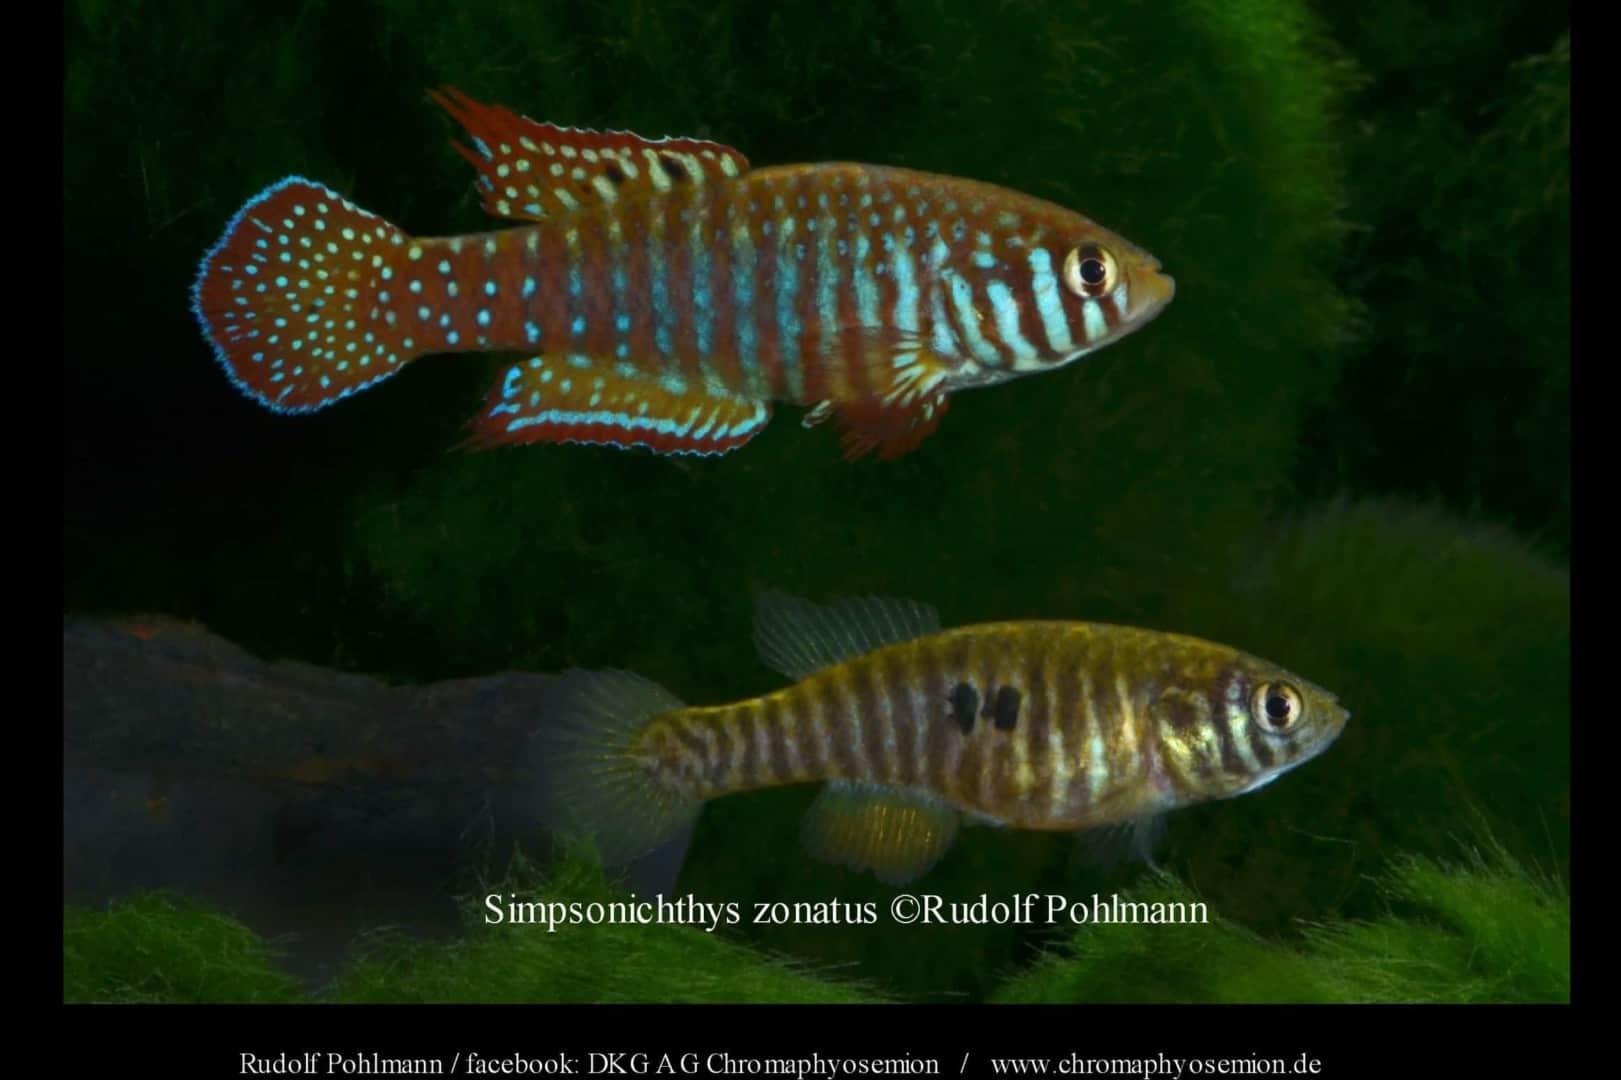 Simpsonichthys zonatus – Zonatus kleiner Fächerfisch 2